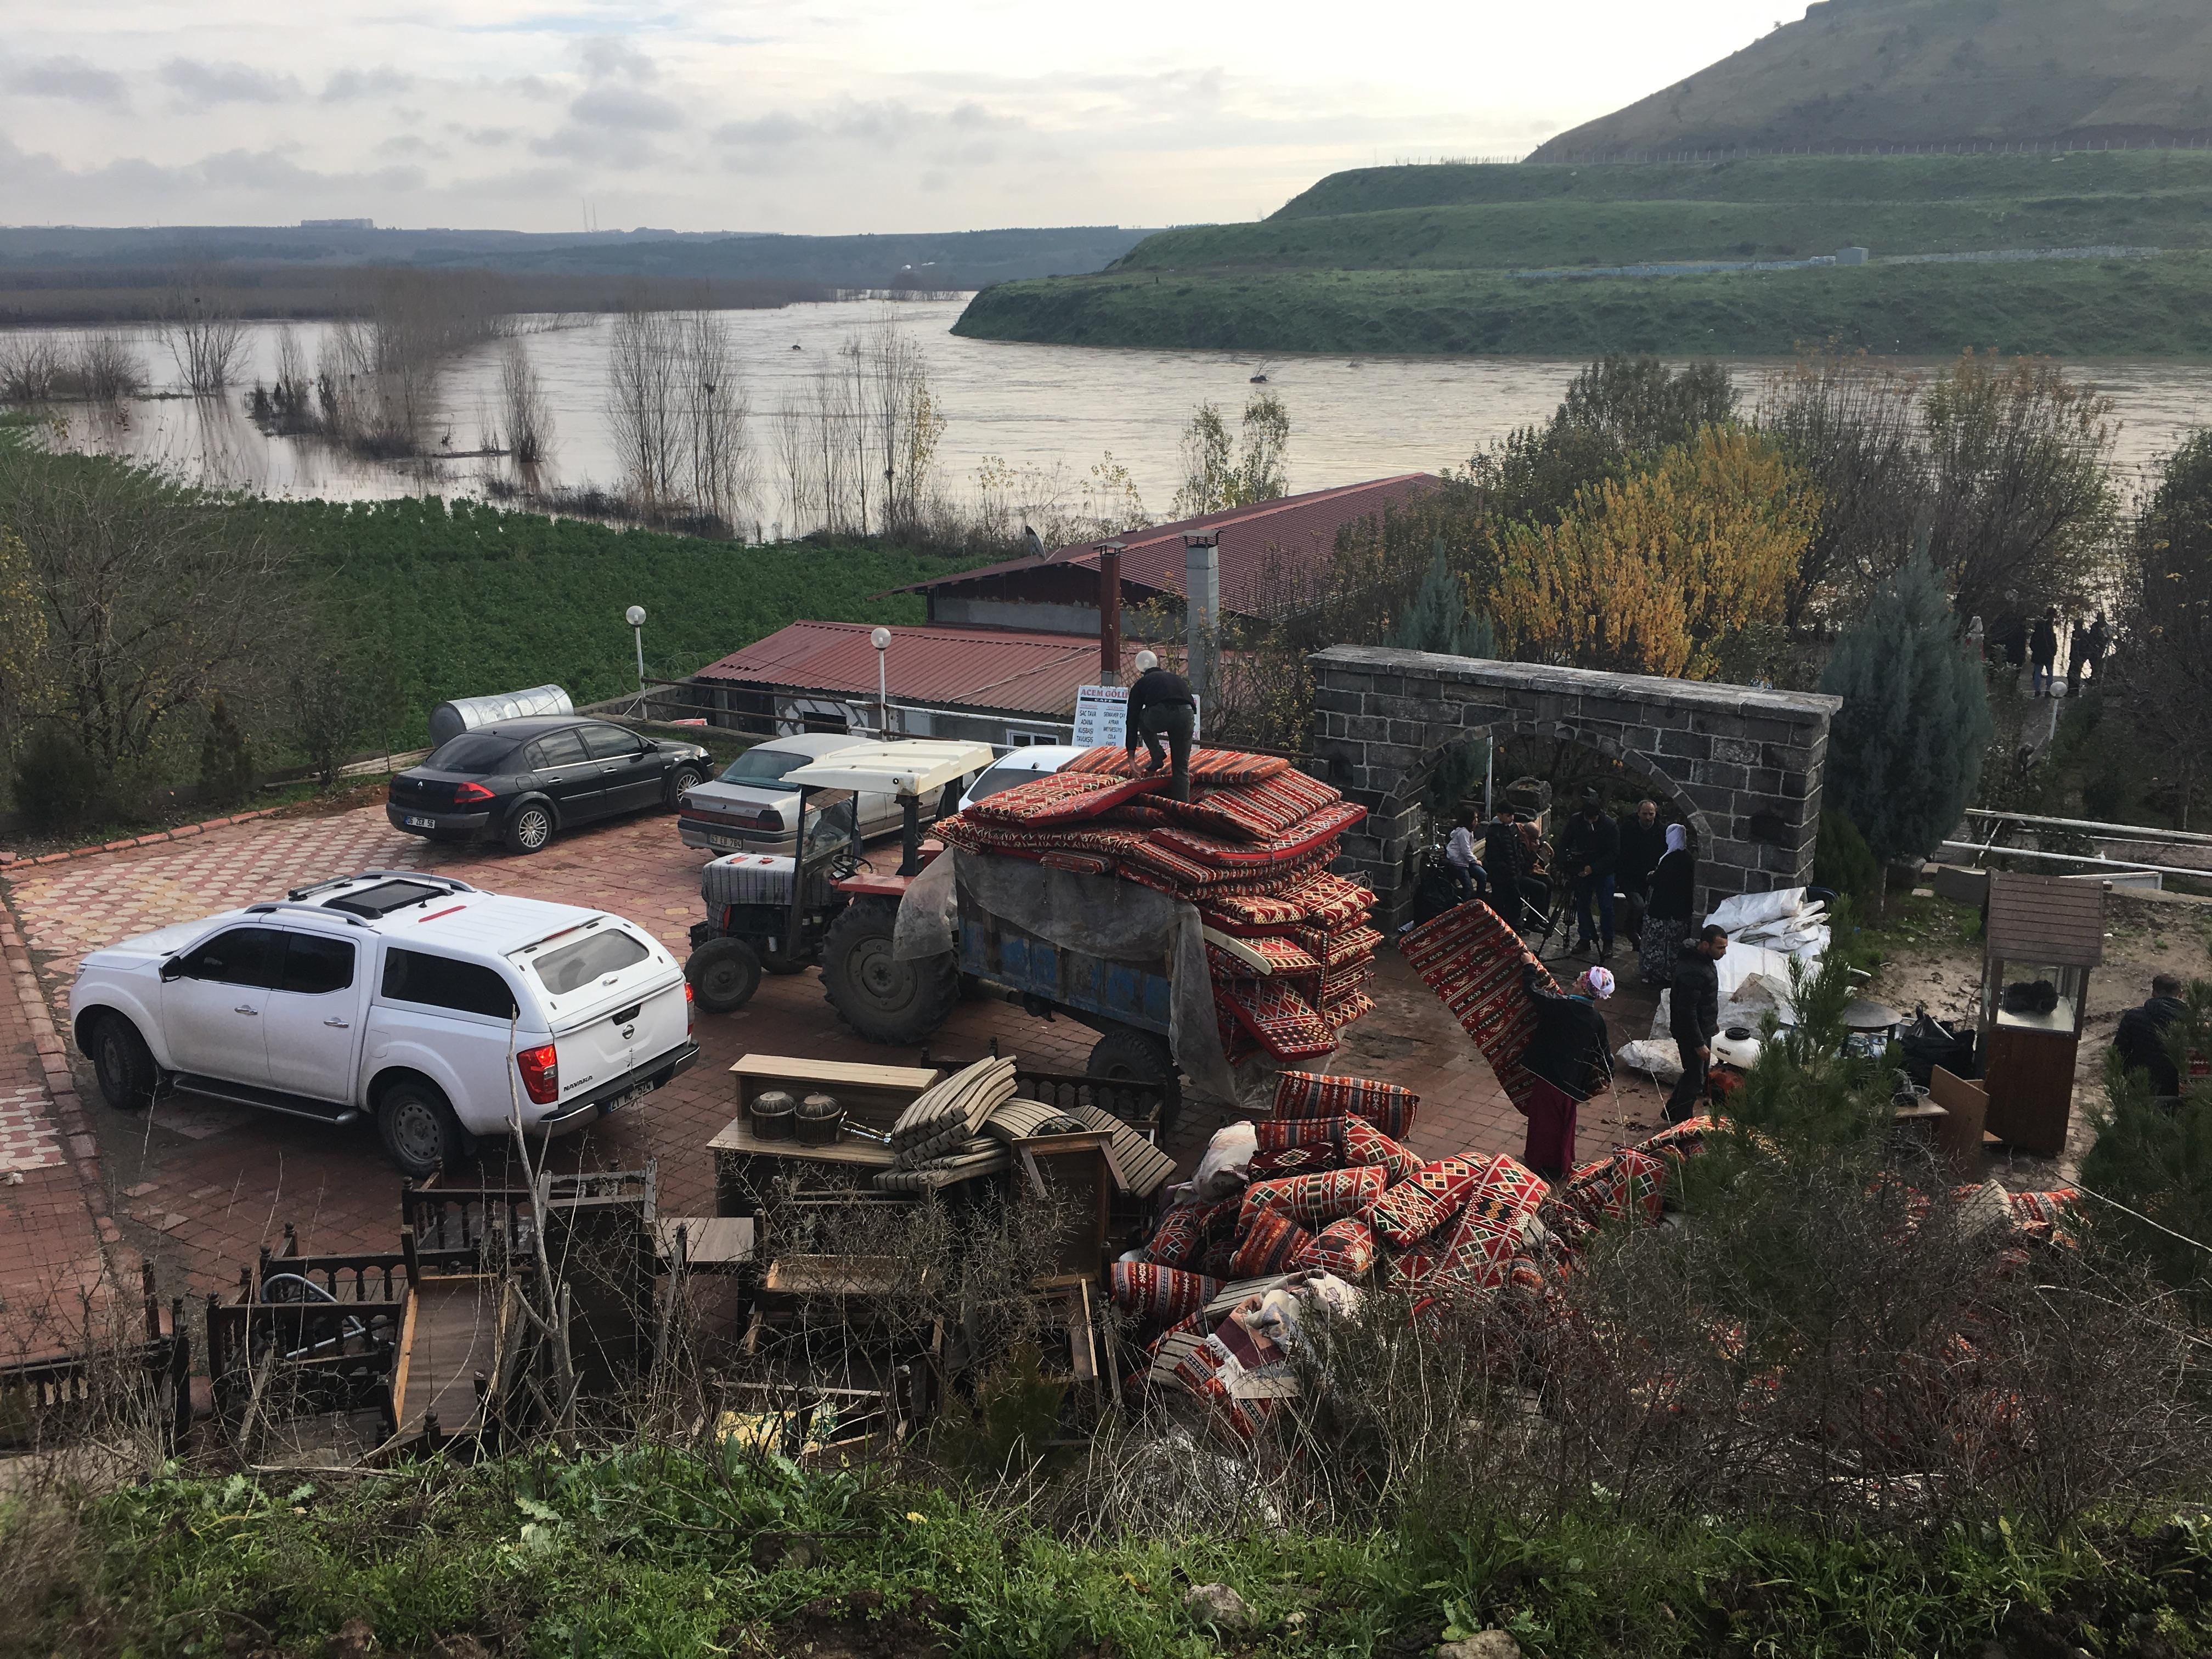 VİDEO- Baraj patladı, çok sayıda yer su altında kaldı; Bölgede son durum ne?